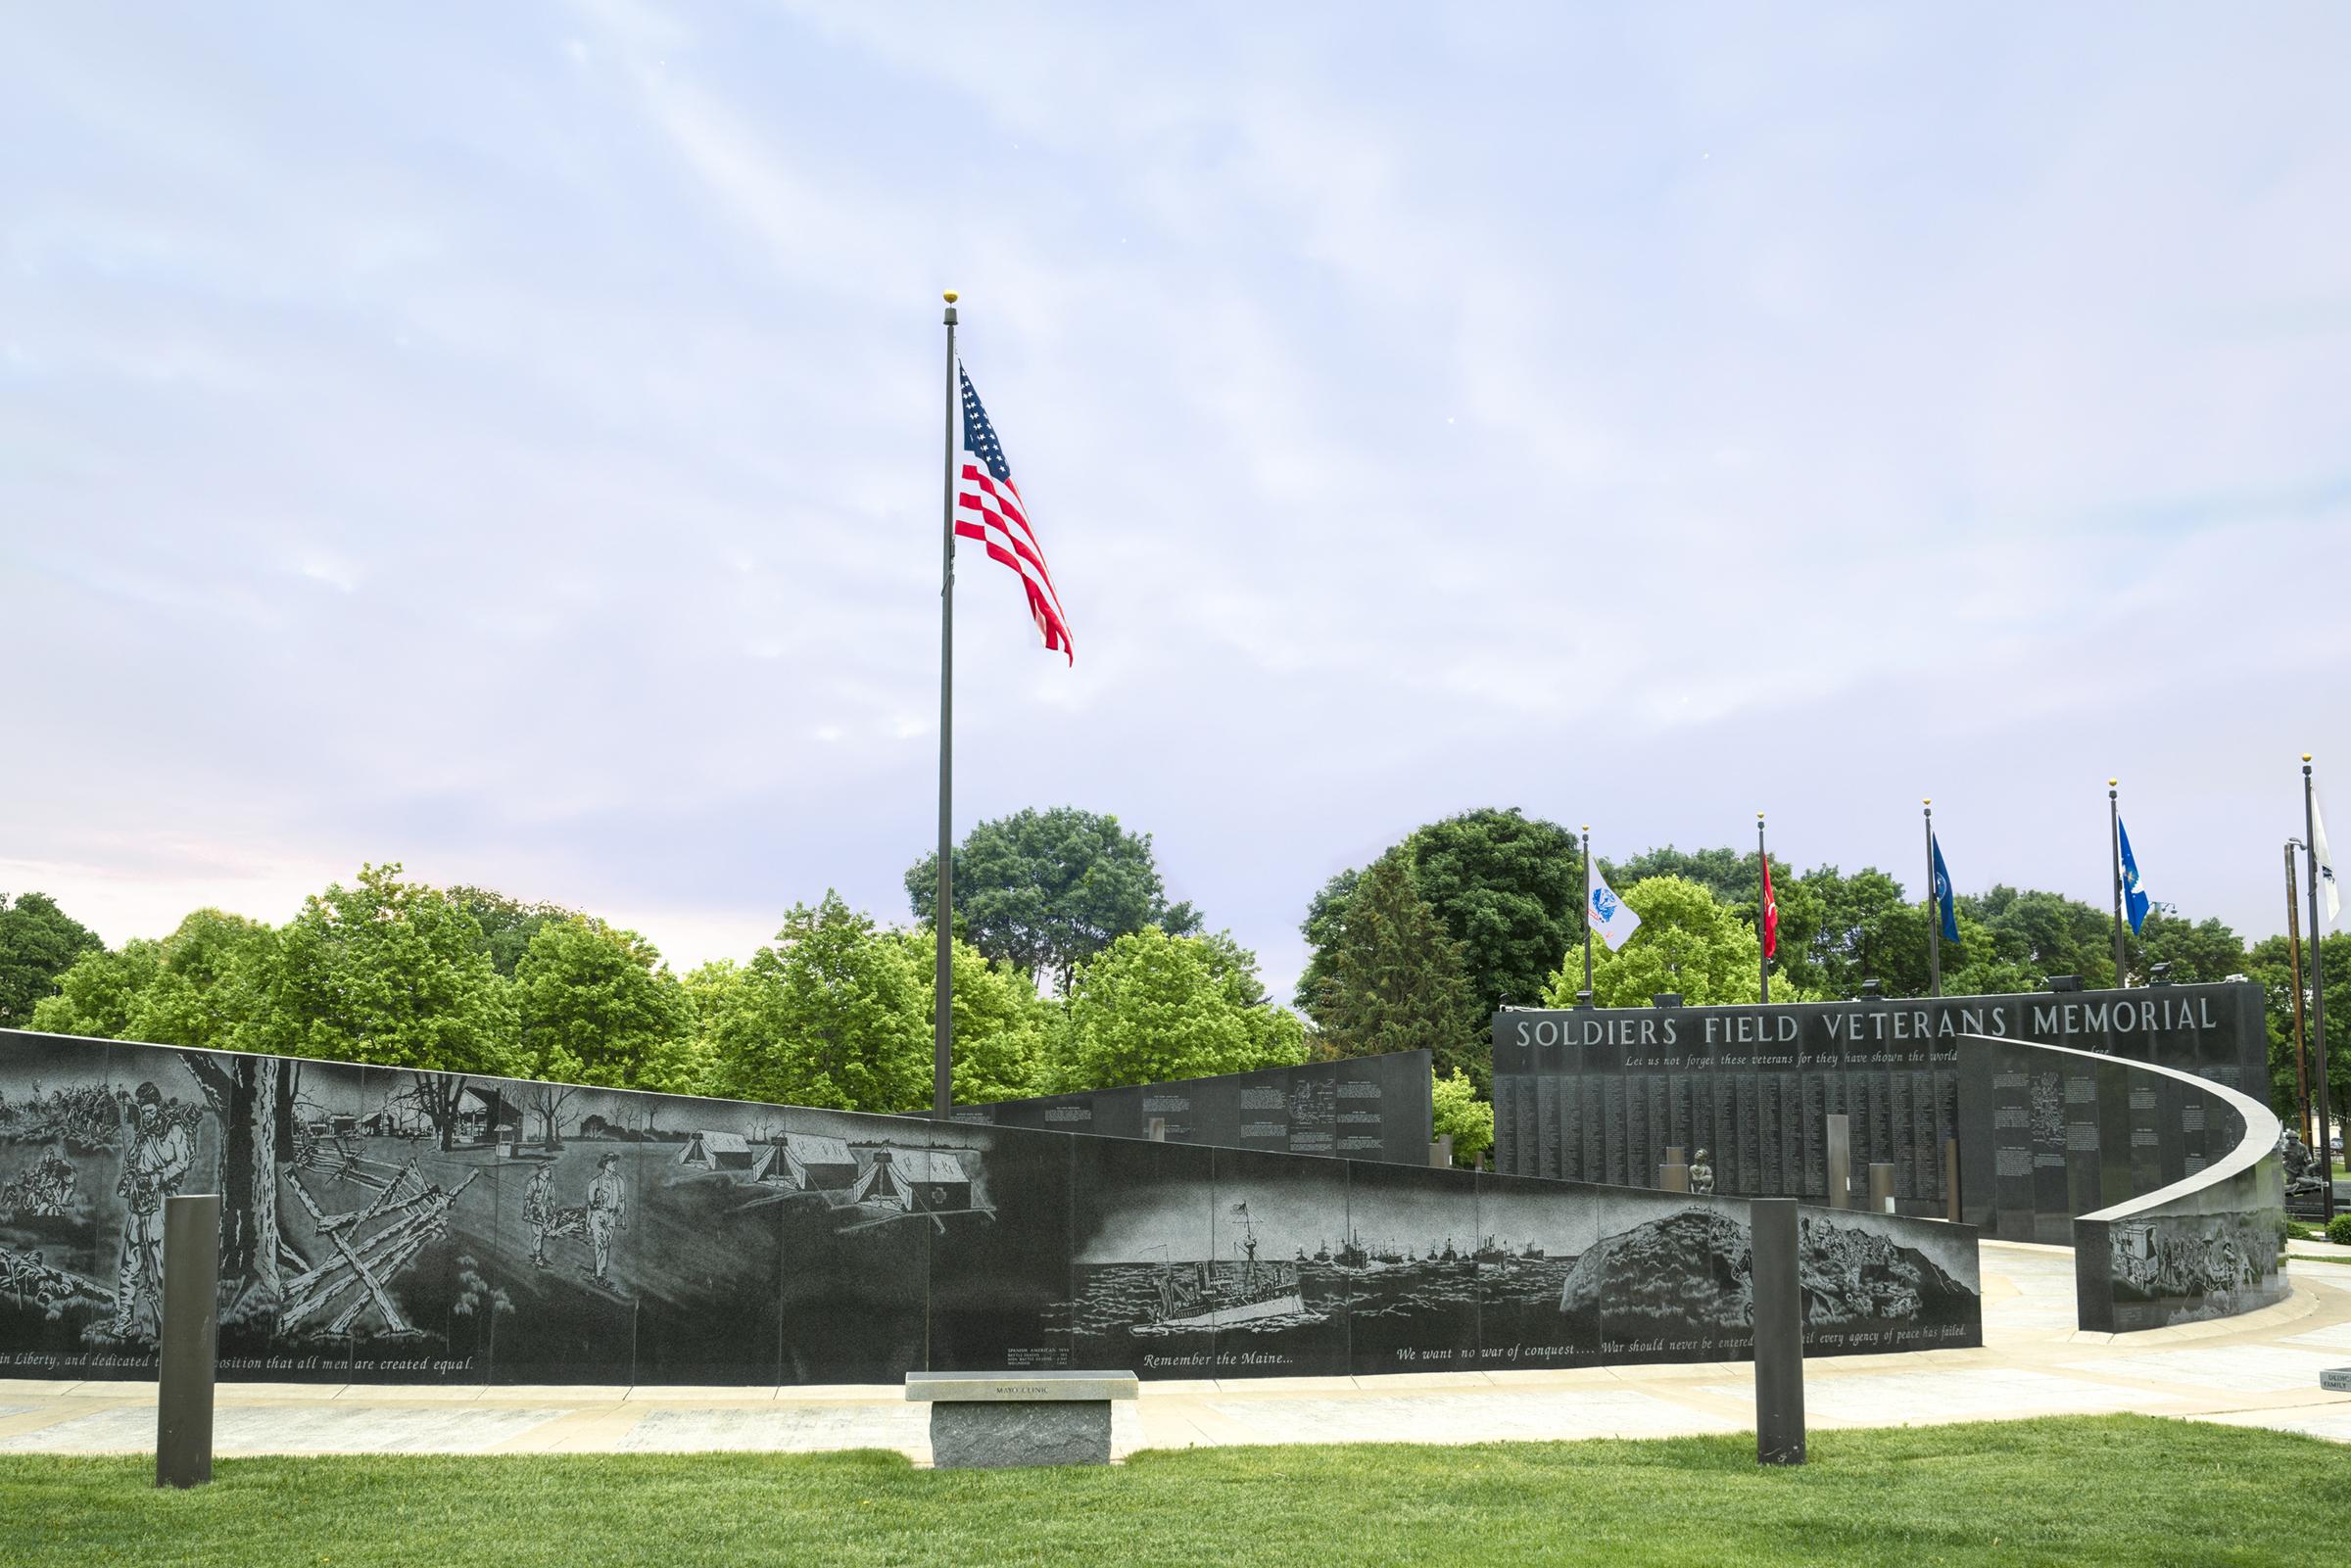 Minnesota-ROCHESTER-veterans-memorial.JPG?mtime=20180412101900#asset:101396